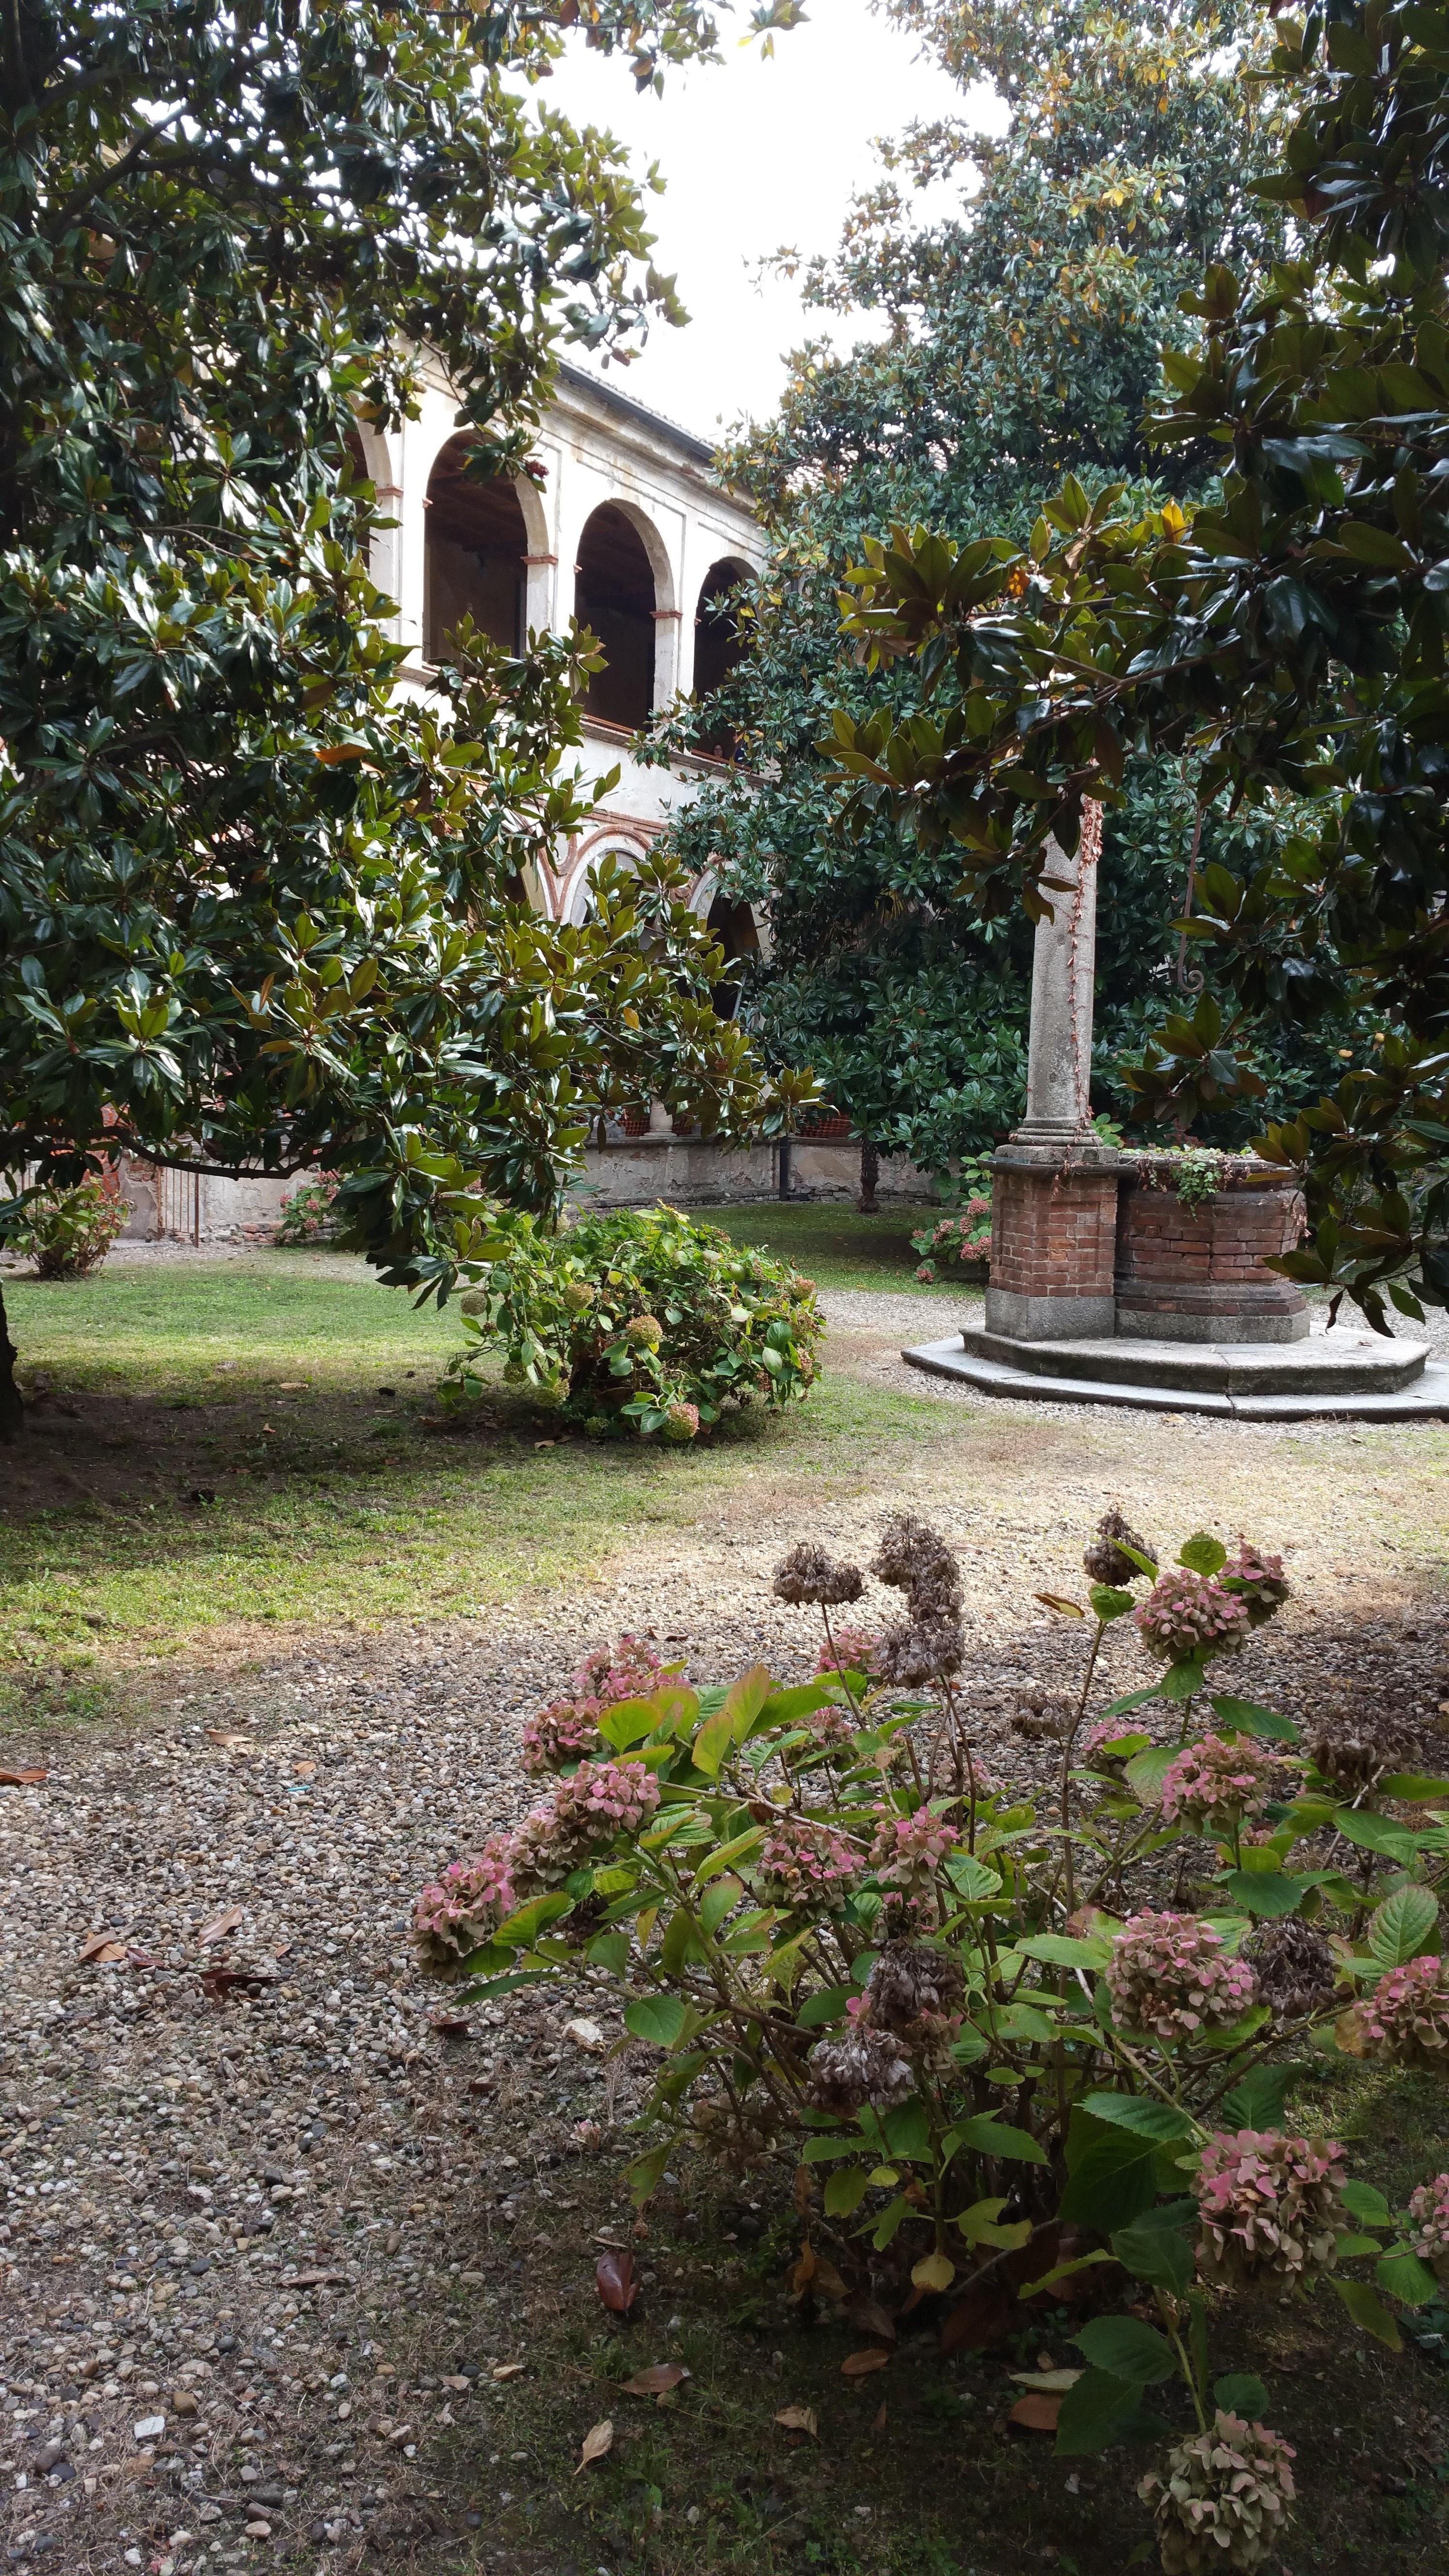 San Felice - Gazdaságtudományi Kar belső udvara